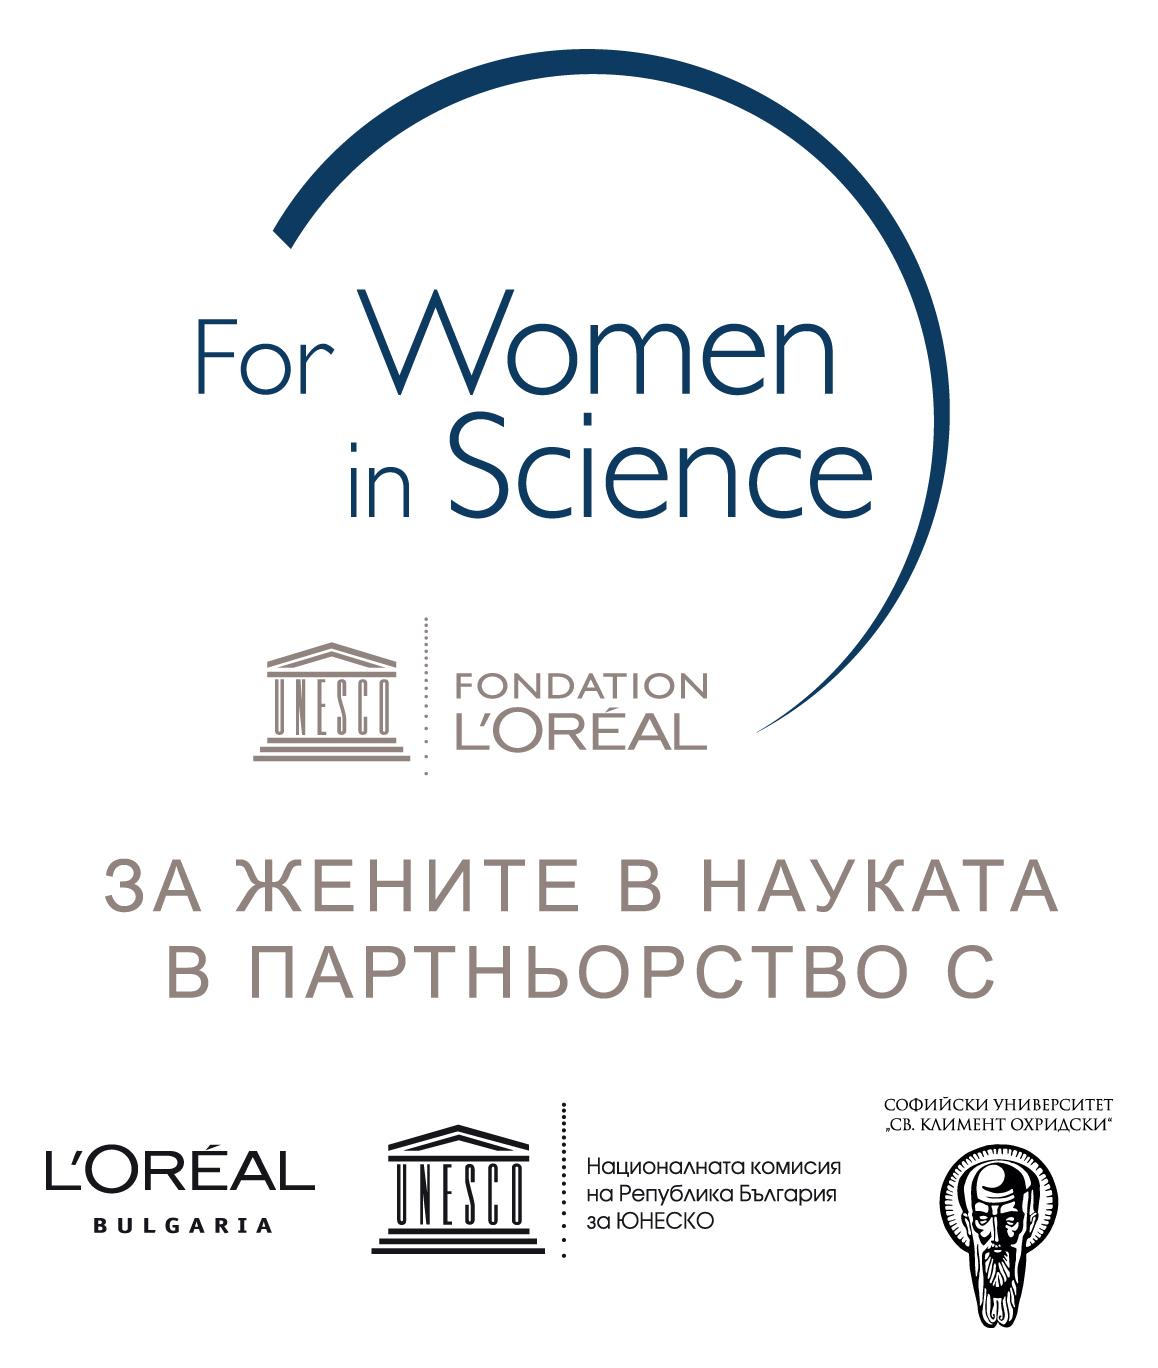 Жени учени от цяла България ще се състезават за стипендии от по 5000 евро